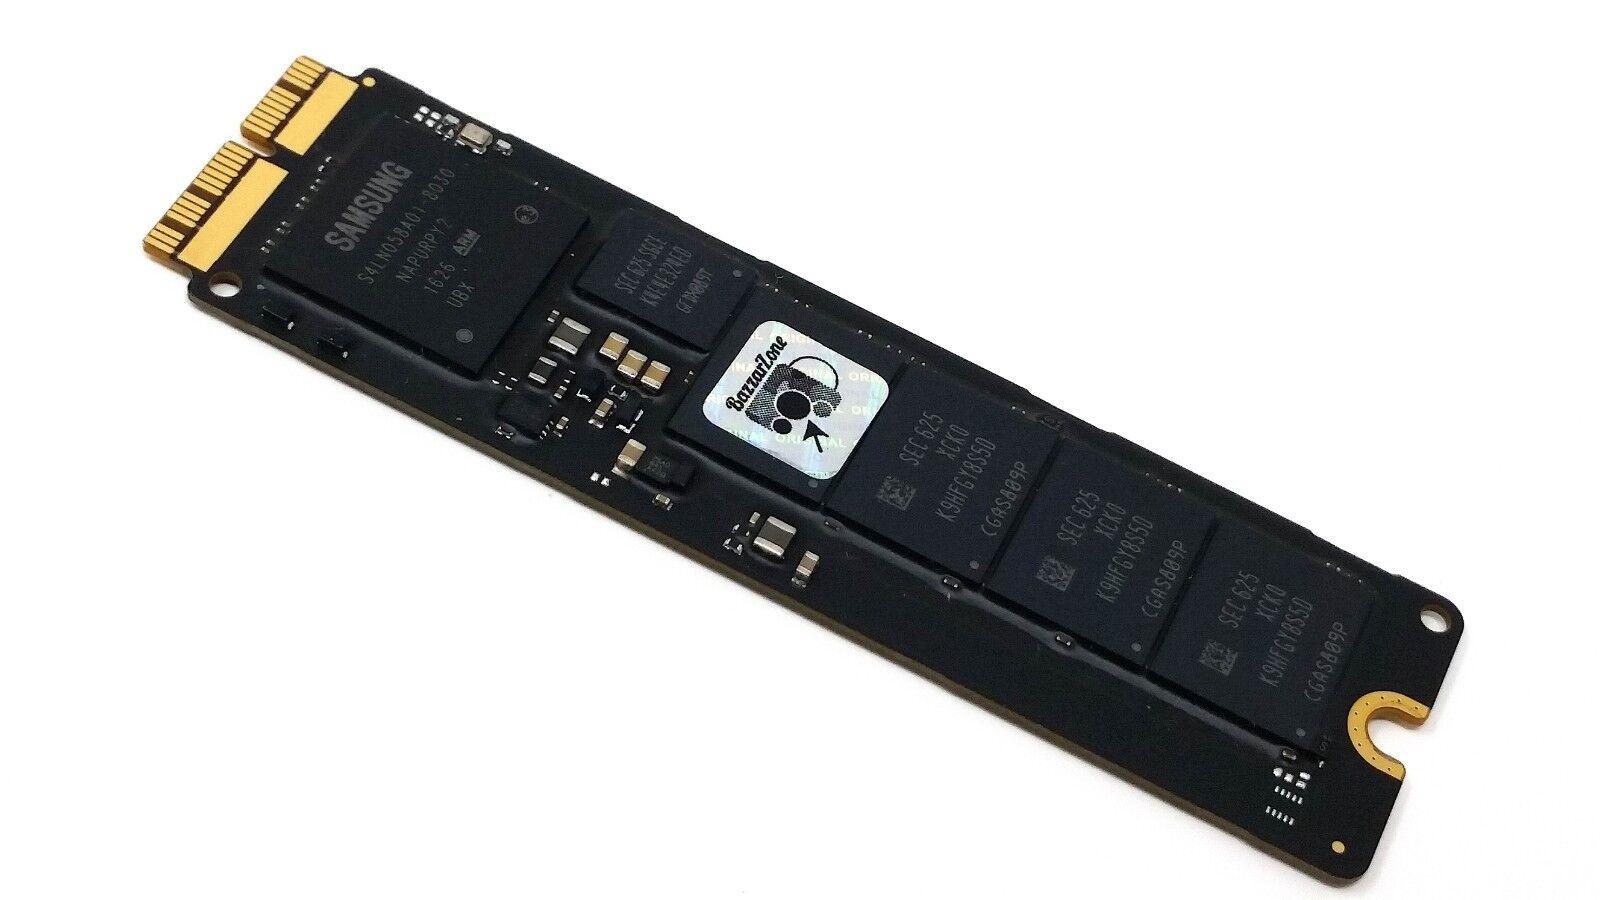 256GB PCIe SSD For Apple MacBook Air A1466 - 2013, 2014, 2015, 2016, 2017 OEM